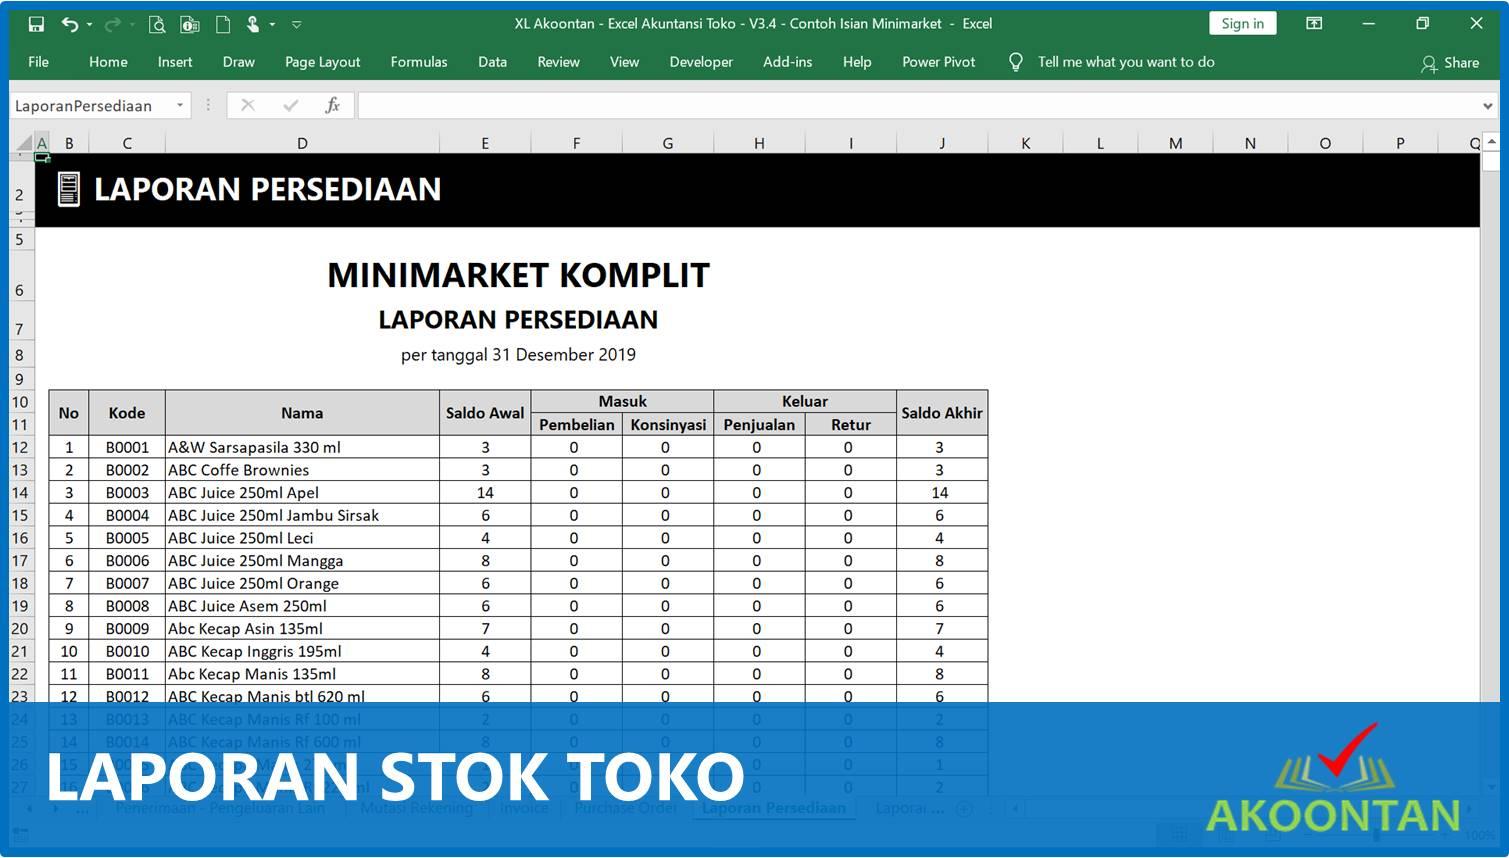 Laporan Stok Toko Minimarket - Akuntansi-ID